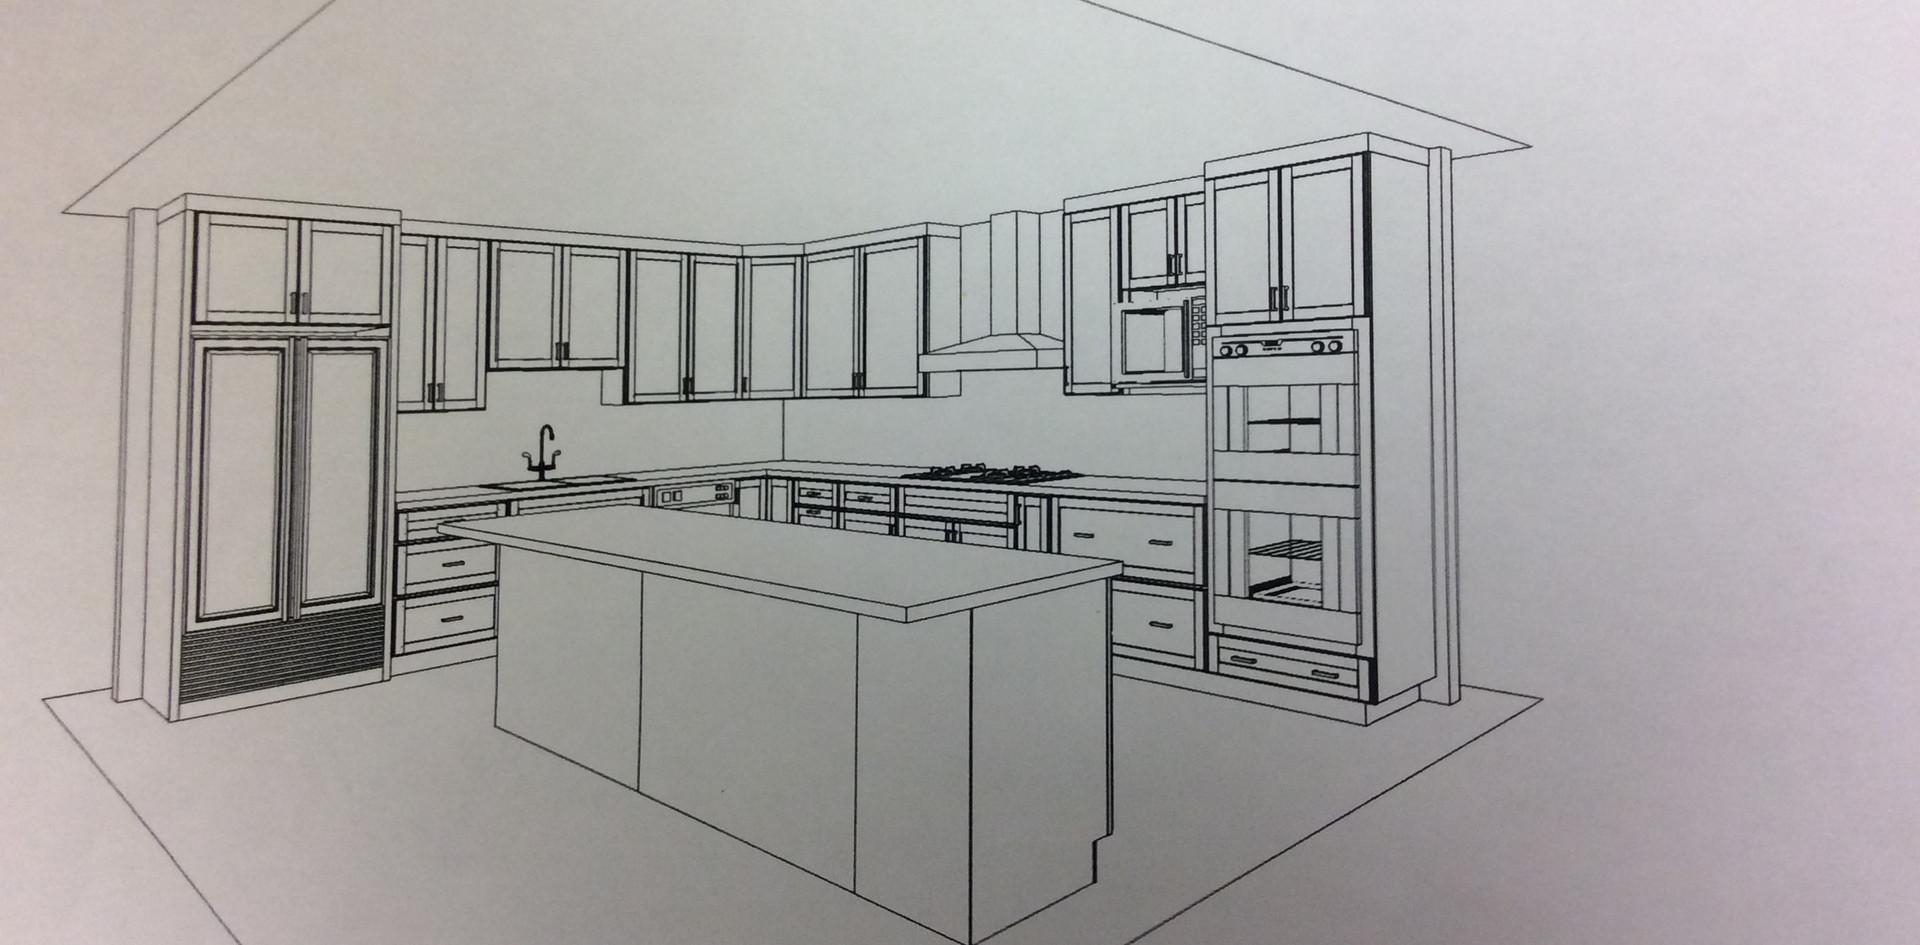 Kitchen Layout Design.JPG